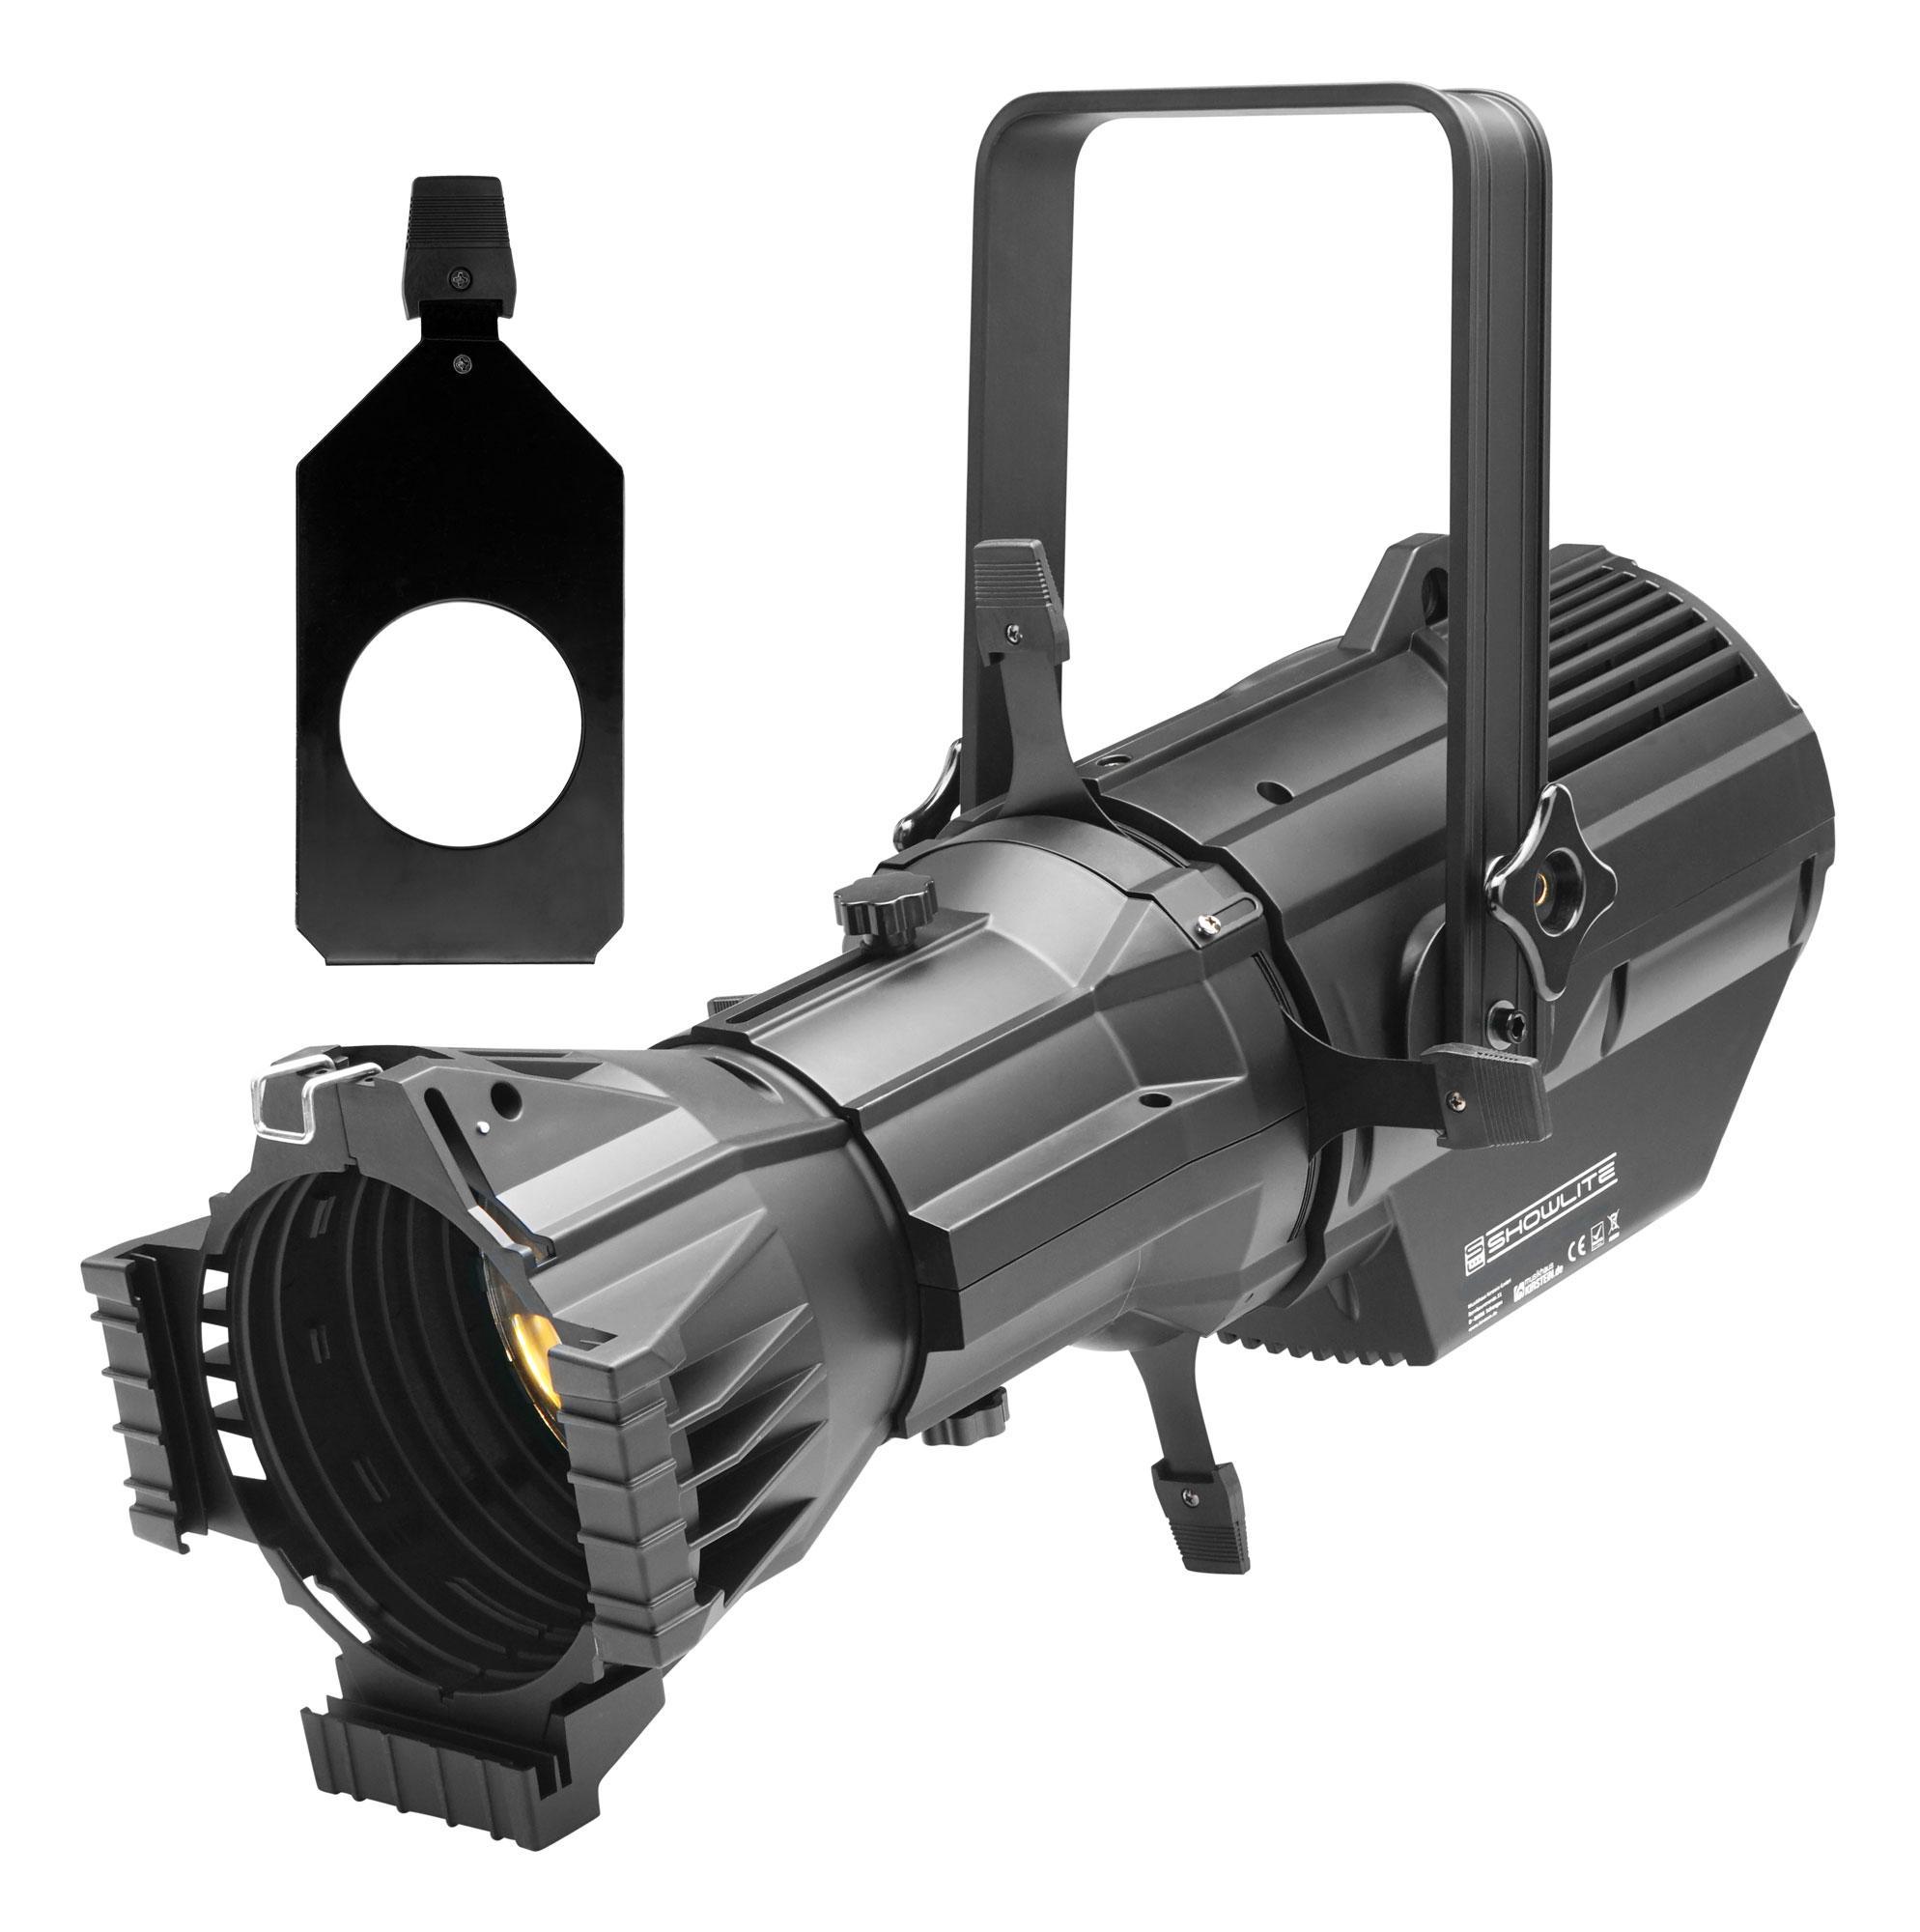 Showlite CPR 60|26 RGBW COB LED Profilscheinwerfer 26° 180 Watt SET mit Gobohalter